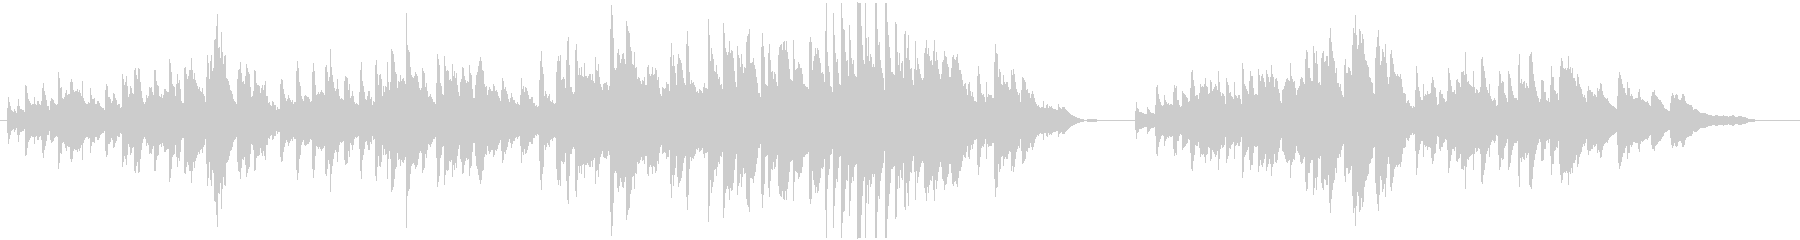 木漏れ日と小鳥のさえずり(ピアノソロ)の未再生の波形